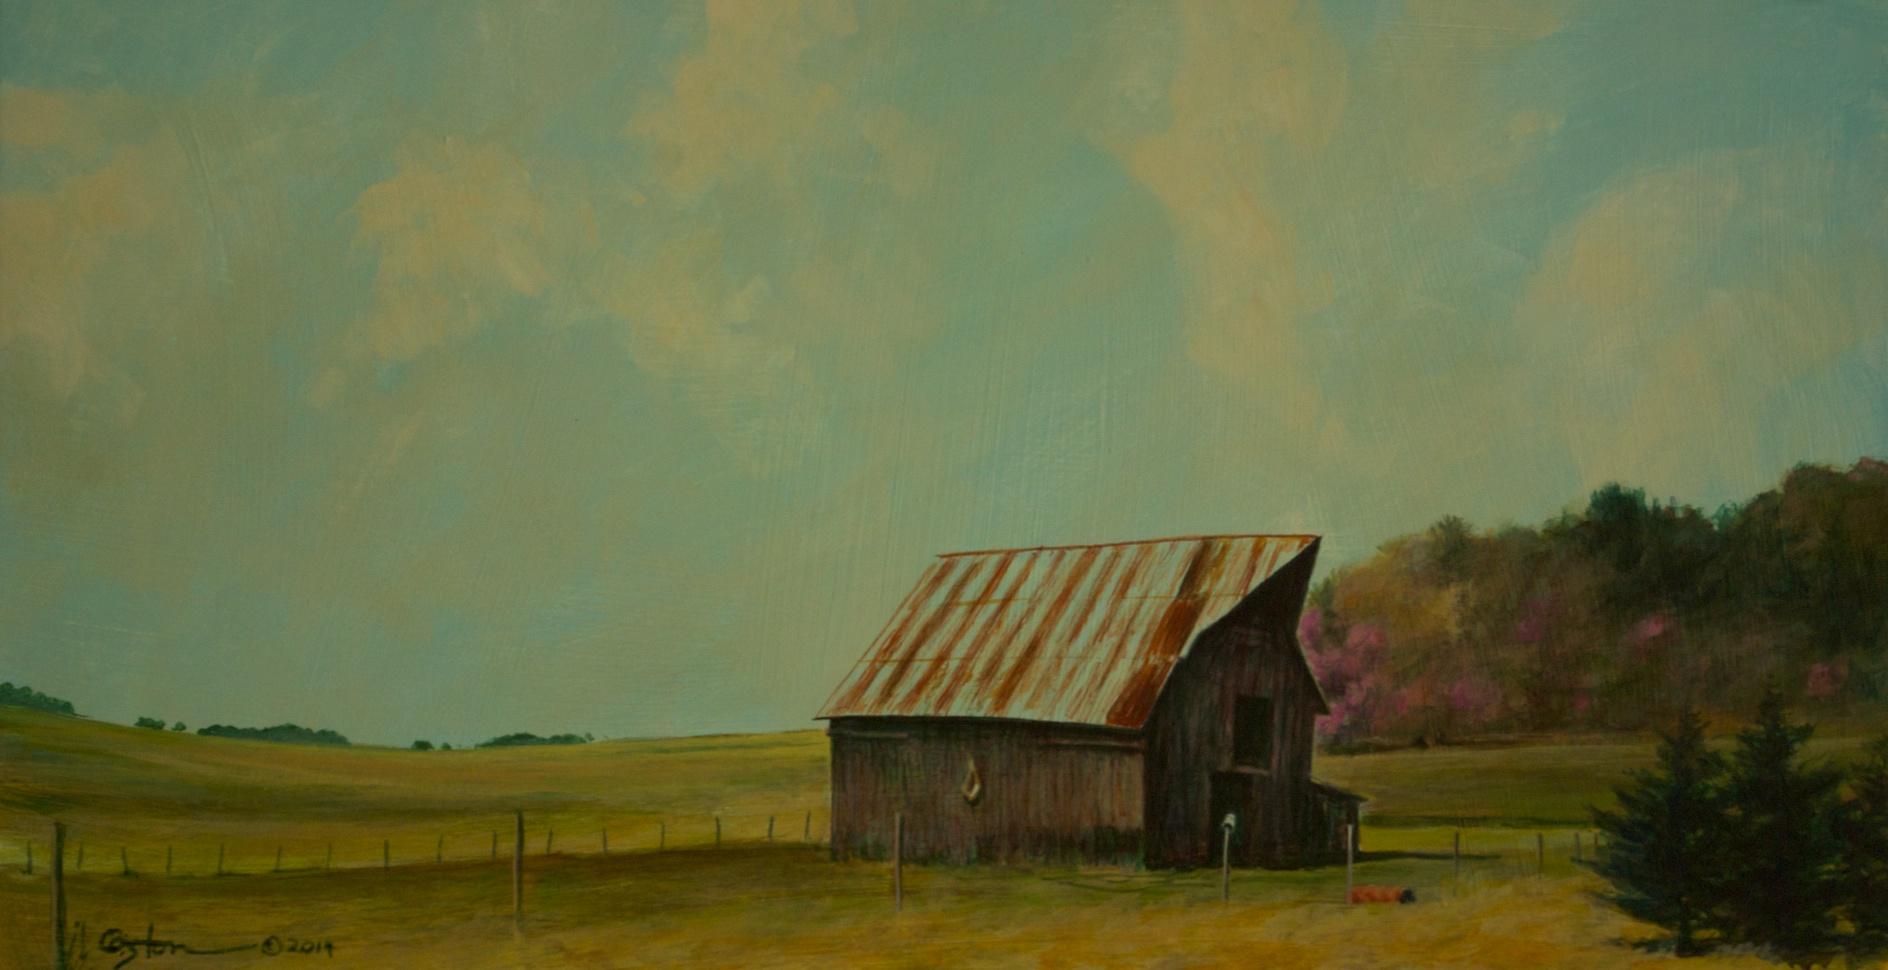 Redbud Spring, Daniel Coston, 2014